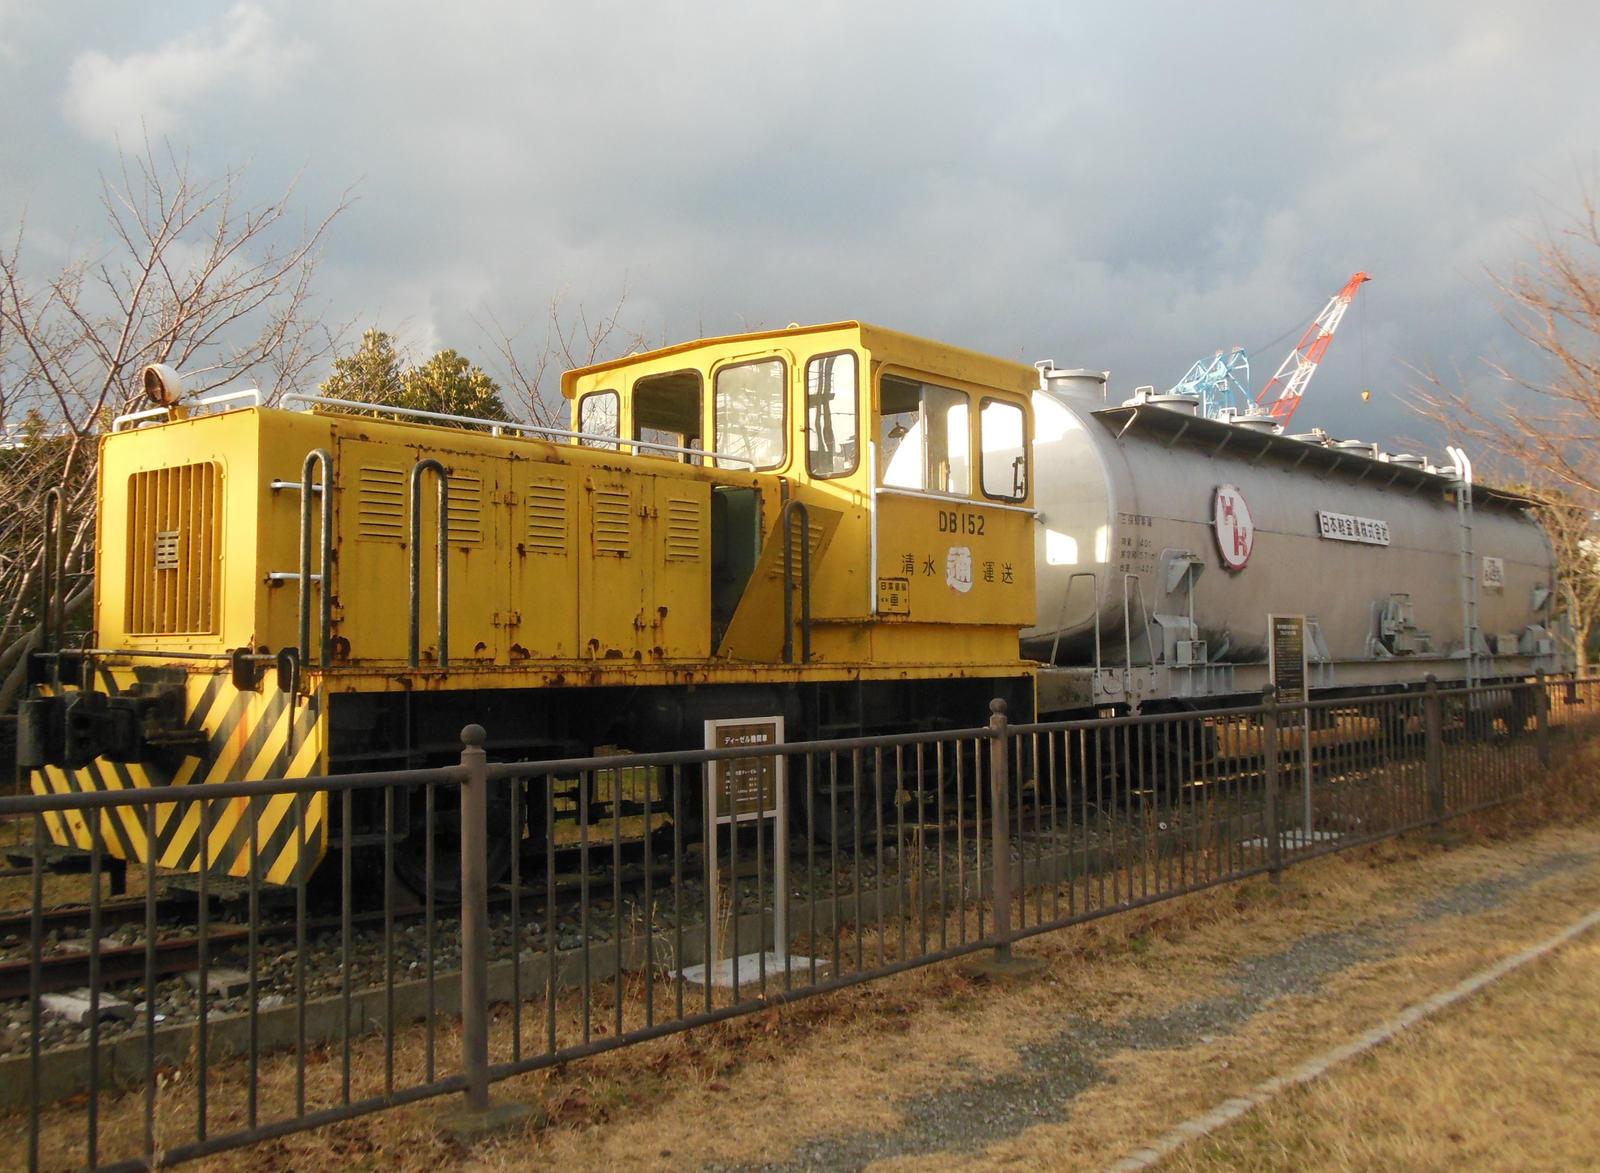 Shimizu DB152 and Taki-8453 at Mihofureaihiroba by rlkitterman